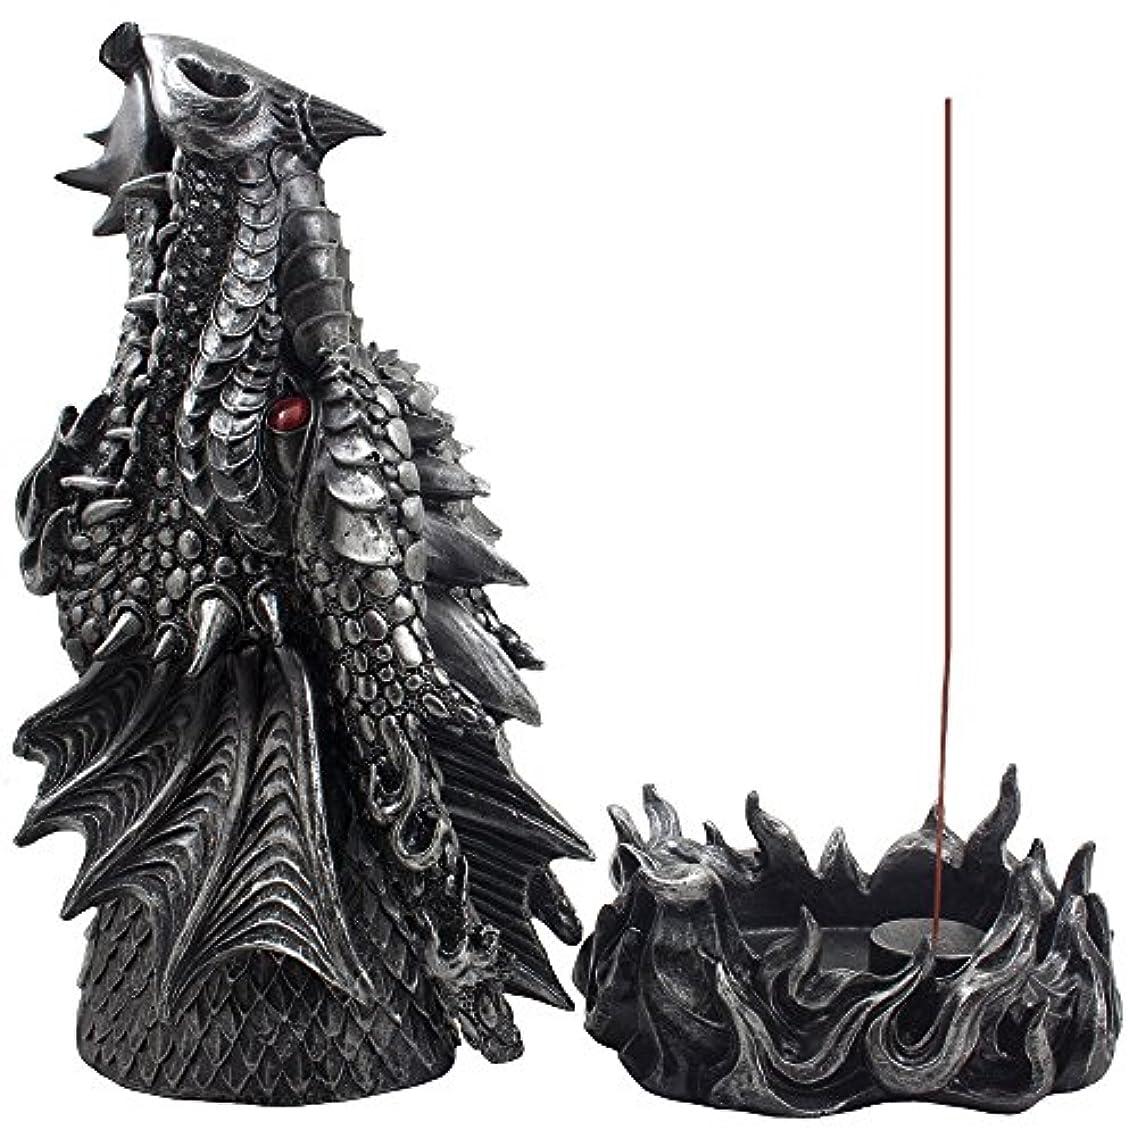 振幅する必要があるサンドイッチMythical Fire Breathing Dragon Incense Holder & Burner Combo Statue for Sticks or Cones with Decorative Display...